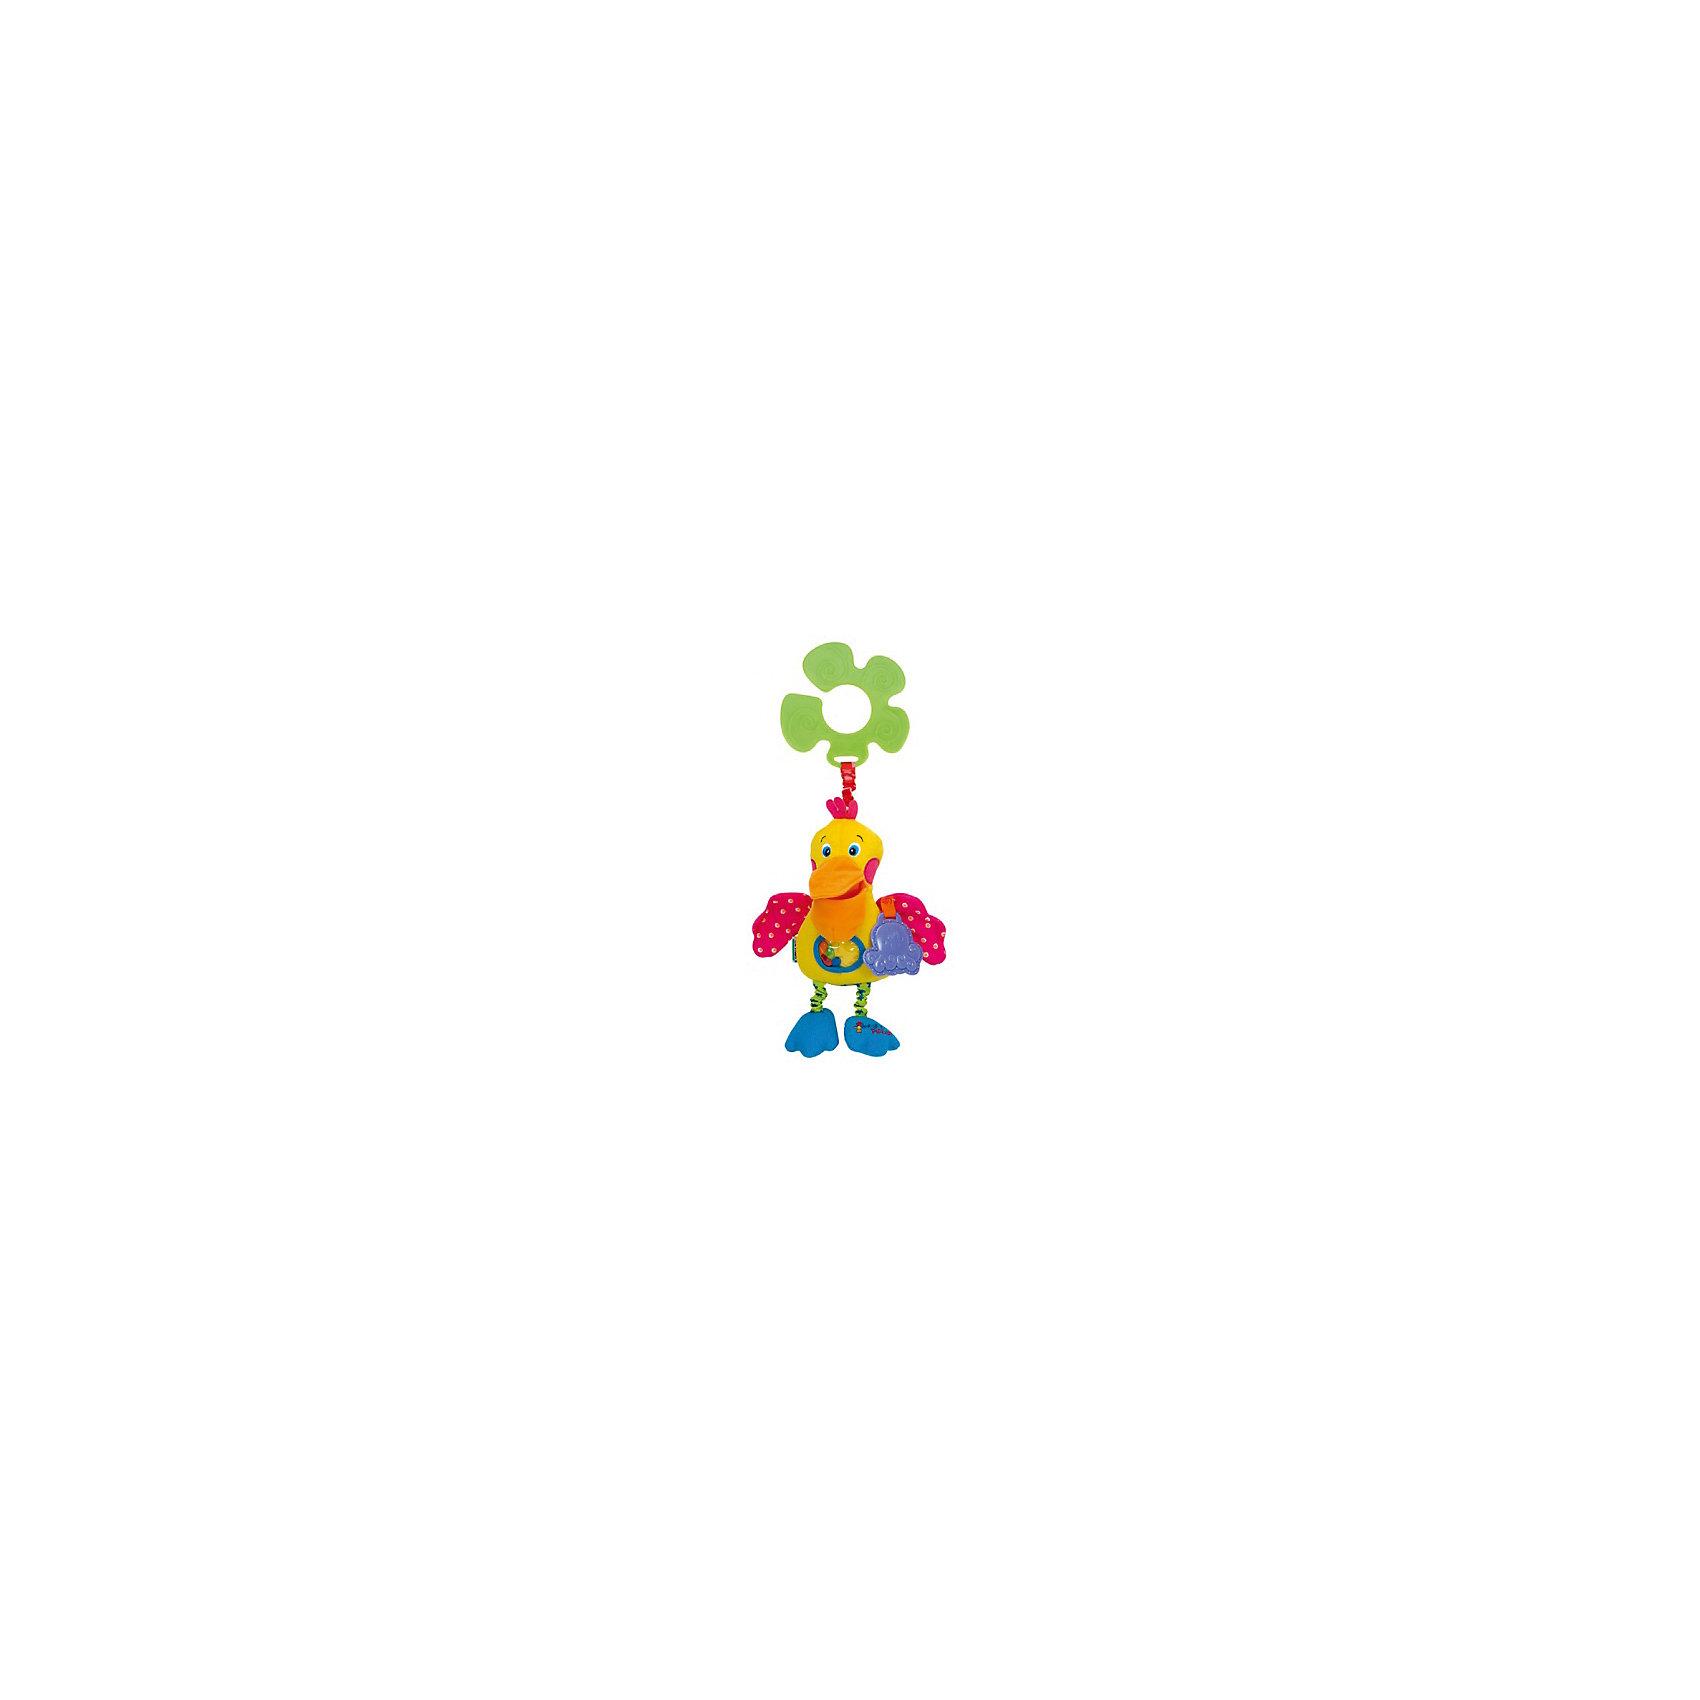 Голодный пеликан подвеска, Ks KidsПодвески<br>Голодный пеликан подвеска, Ks Kids (Кс Кидс) ? развивающая игрушка-подвеска, предназначенная для детей с самого рождения. Подвеска выполнена в форме знаменитого персонажа Кс Кидс ? очаровательного голодного пеликана. <br>У пеликана все элементы тела издают шуршащие и хрустящие звуки, в правой лапе ? погремушка, пищалка ? в животе, к левому крылу прикреплен резиновый прорезыватель-пеликан. Кроме того, на животе пеликана имеется прозрачный кармашек, в котором плавают четыре разноцветные рыбки. Лапки птицы могут оттягиваться. <br>К пластиковому кольцу-держателю пеликан прикреплен яркой широкой резинкой. Если резинку оттянуть, при возвращении ее в исходное состояние, игрушка будет слегка вибрировать. Самого пеликана можно подвешивать к абсолютно любому поручню: будь то коляска, кроватка, автокресло, стульчик для кормления или дуга от любого развивающего коврика. <br>Игрушка изготовлена из высококачественного гипоаллергенного текстильного материала.<br>Все элементы Голодного пеликана подвески, Ks Kids (Кс Кидс) способствуют раннему сенсомоторному развитию вашего малыша. <br><br>Дополнительная информация:<br><br>- Вид игр: развивающие<br>- Предназначение: для дома, для прогулки<br>- Материал: текстиль, пластик<br>- Размер: 12*20*3 см<br>- Вес: 190 г<br>- Особенности ухода: можно стирать в щадящем режиме<br><br>Подробнее:<br><br>• Для детей в возрасте: от 0 месяцев до 1 года<br>• Страна производитель: Китай<br>• Торговый бренд: Ks Kids (Кс Кидс)<br><br>Голодного пеликана подвеску, Ks Kids (Кс Кидс) можно купить в нашем интернет-магазине.<br><br>Ширина мм: 120<br>Глубина мм: 200<br>Высота мм: 30<br>Вес г: 190<br>Возраст от месяцев: 0<br>Возраст до месяцев: 12<br>Пол: Унисекс<br>Возраст: Детский<br>SKU: 4799442